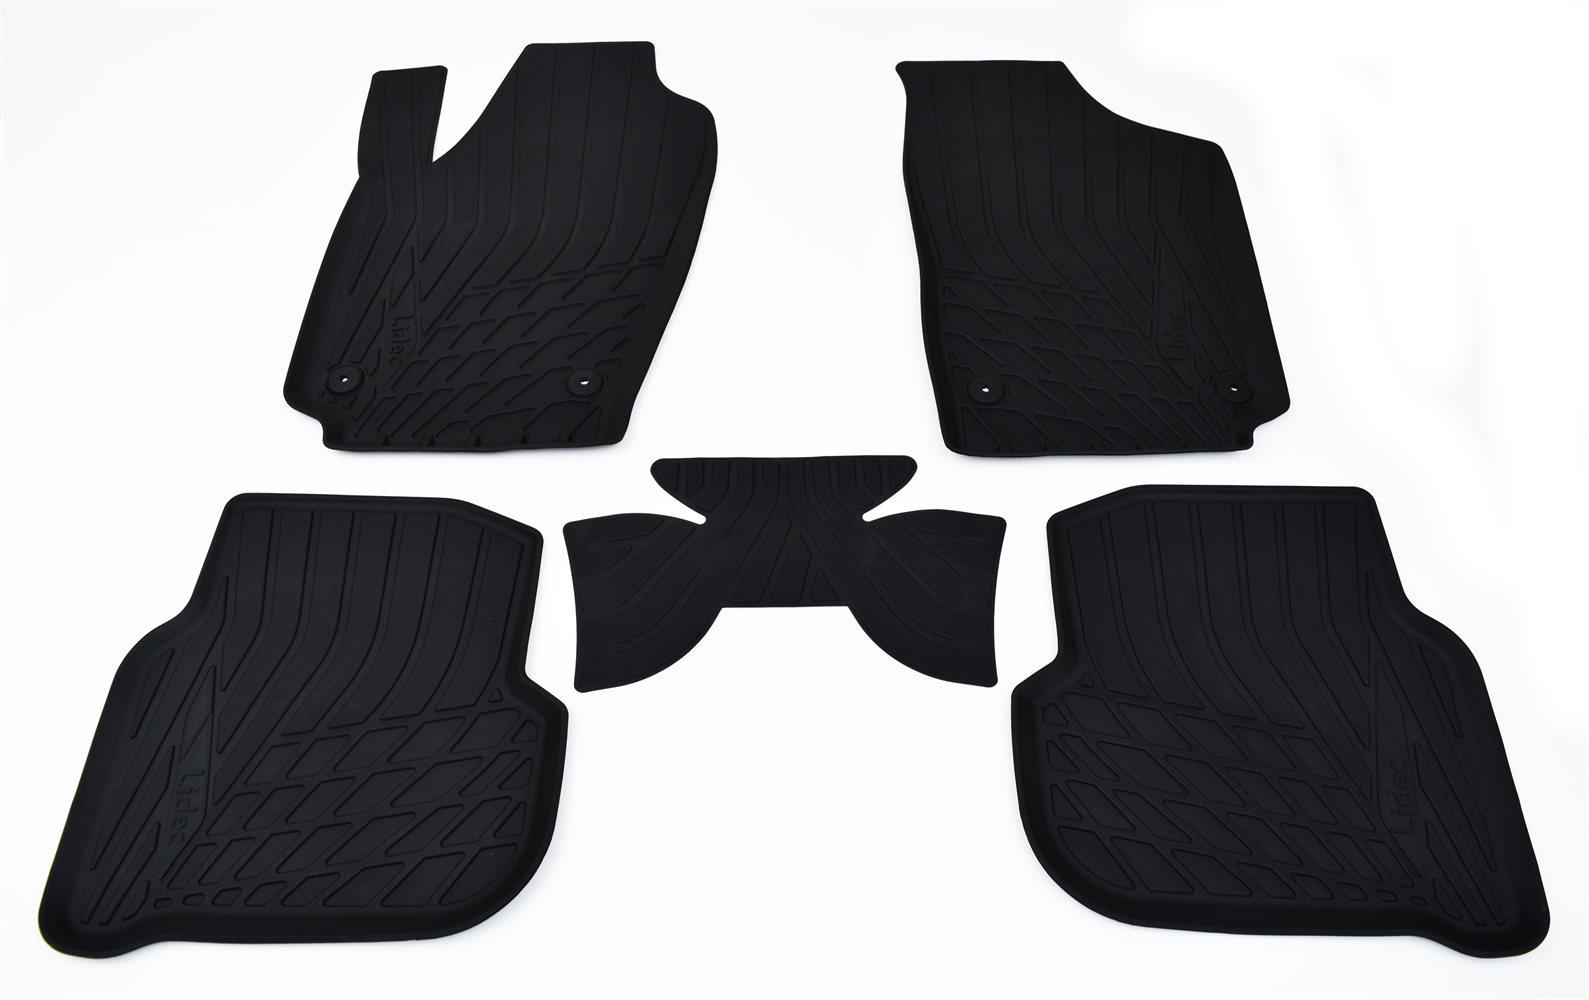 Коврики в салон автомобиля Avtodriver литьевые для Ford Focus Iii (2015), Np11-Ldc-22-183, черный gm ldc 300o